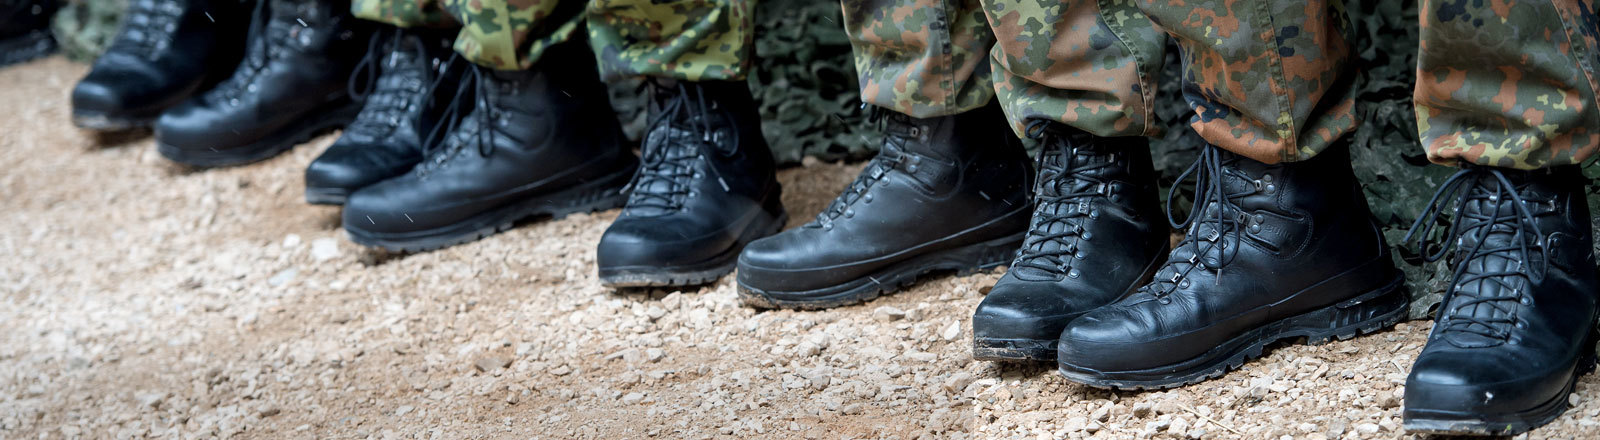 Bundeswehrsoldaten stehen am 23.03.2016 in Bad Reichenhall bei einer Übung in einer Reihe.